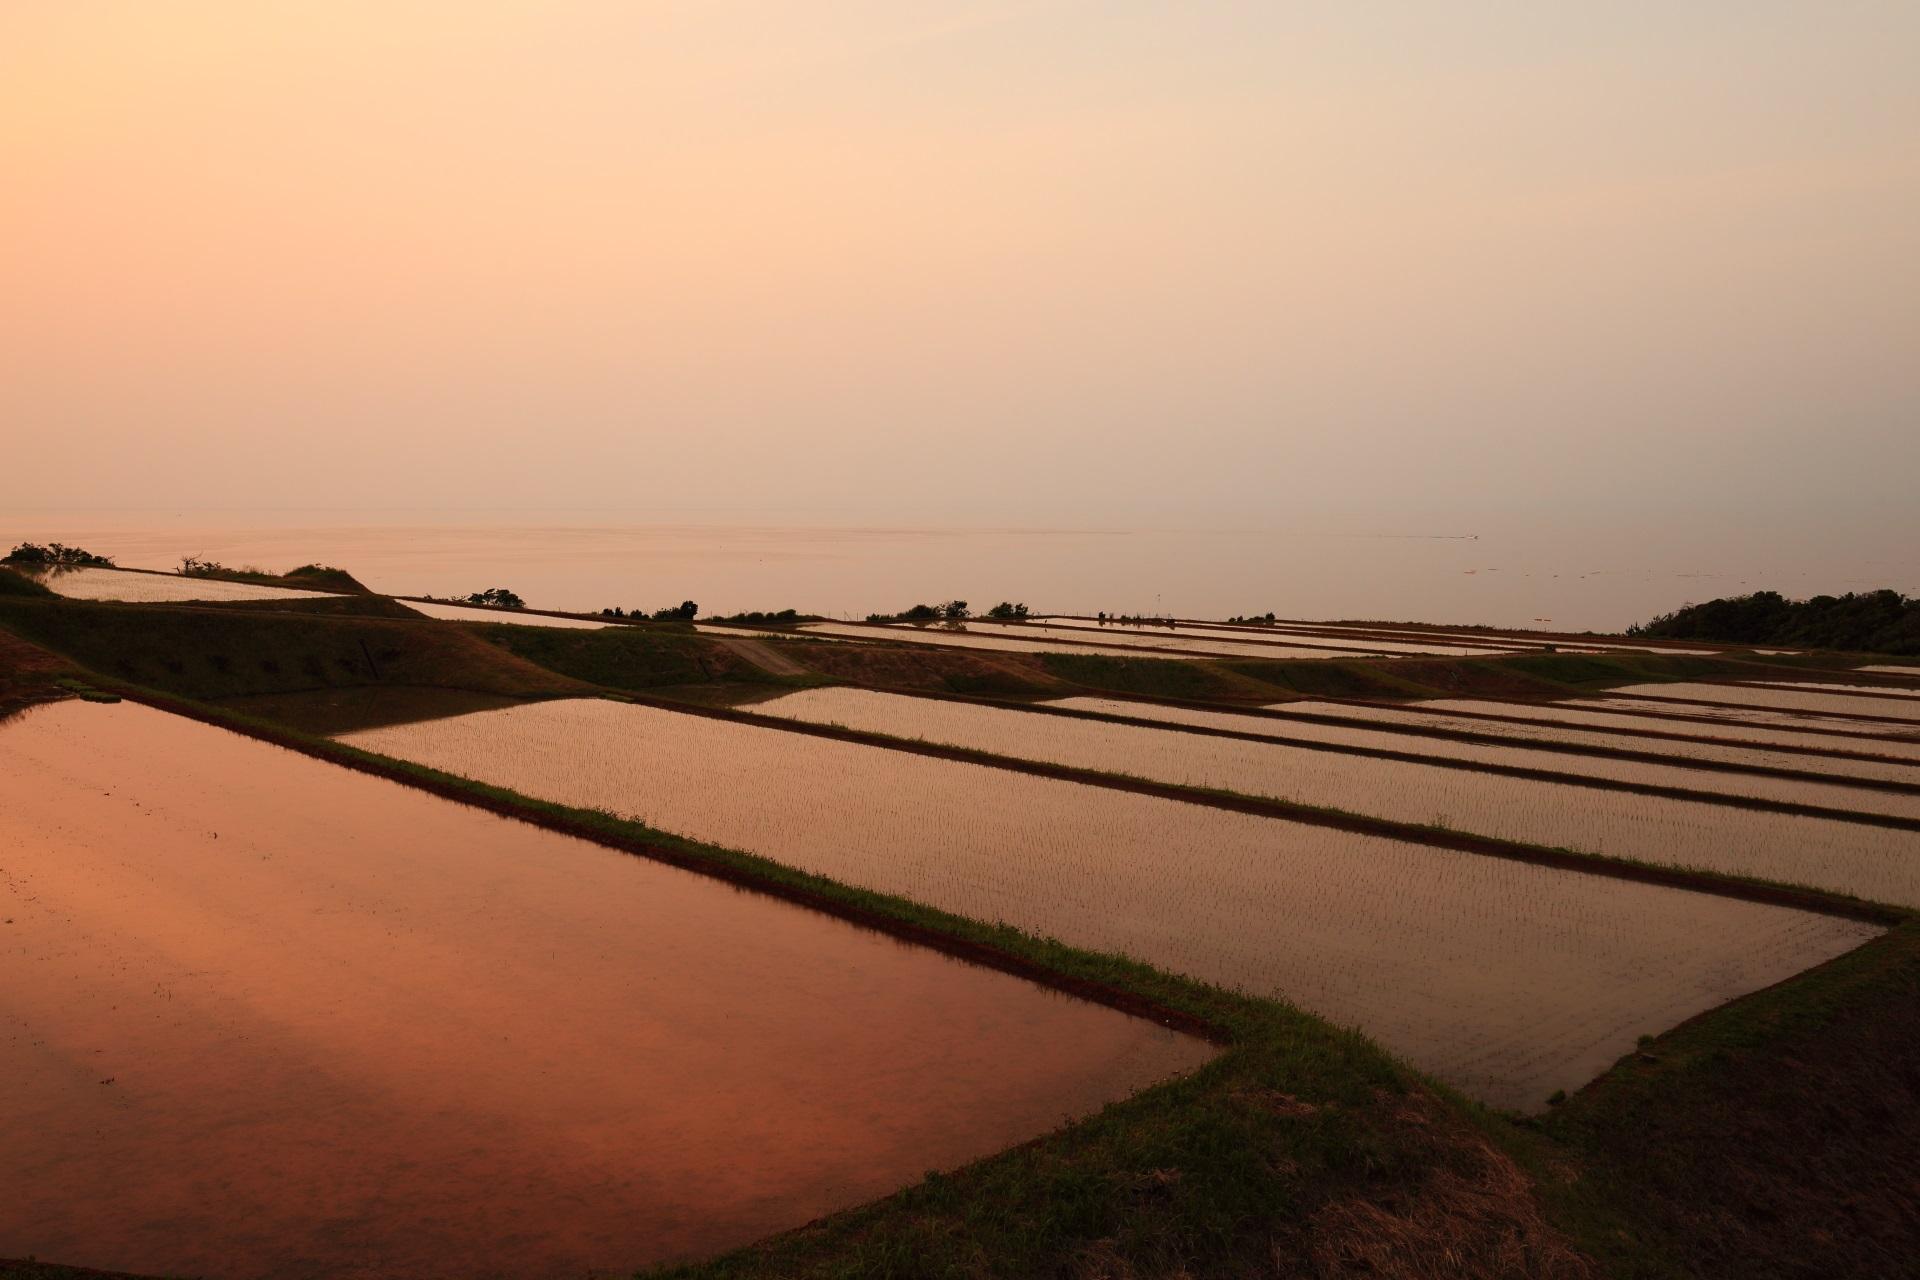 夕焼けにほのかに染まる空と海と棚田